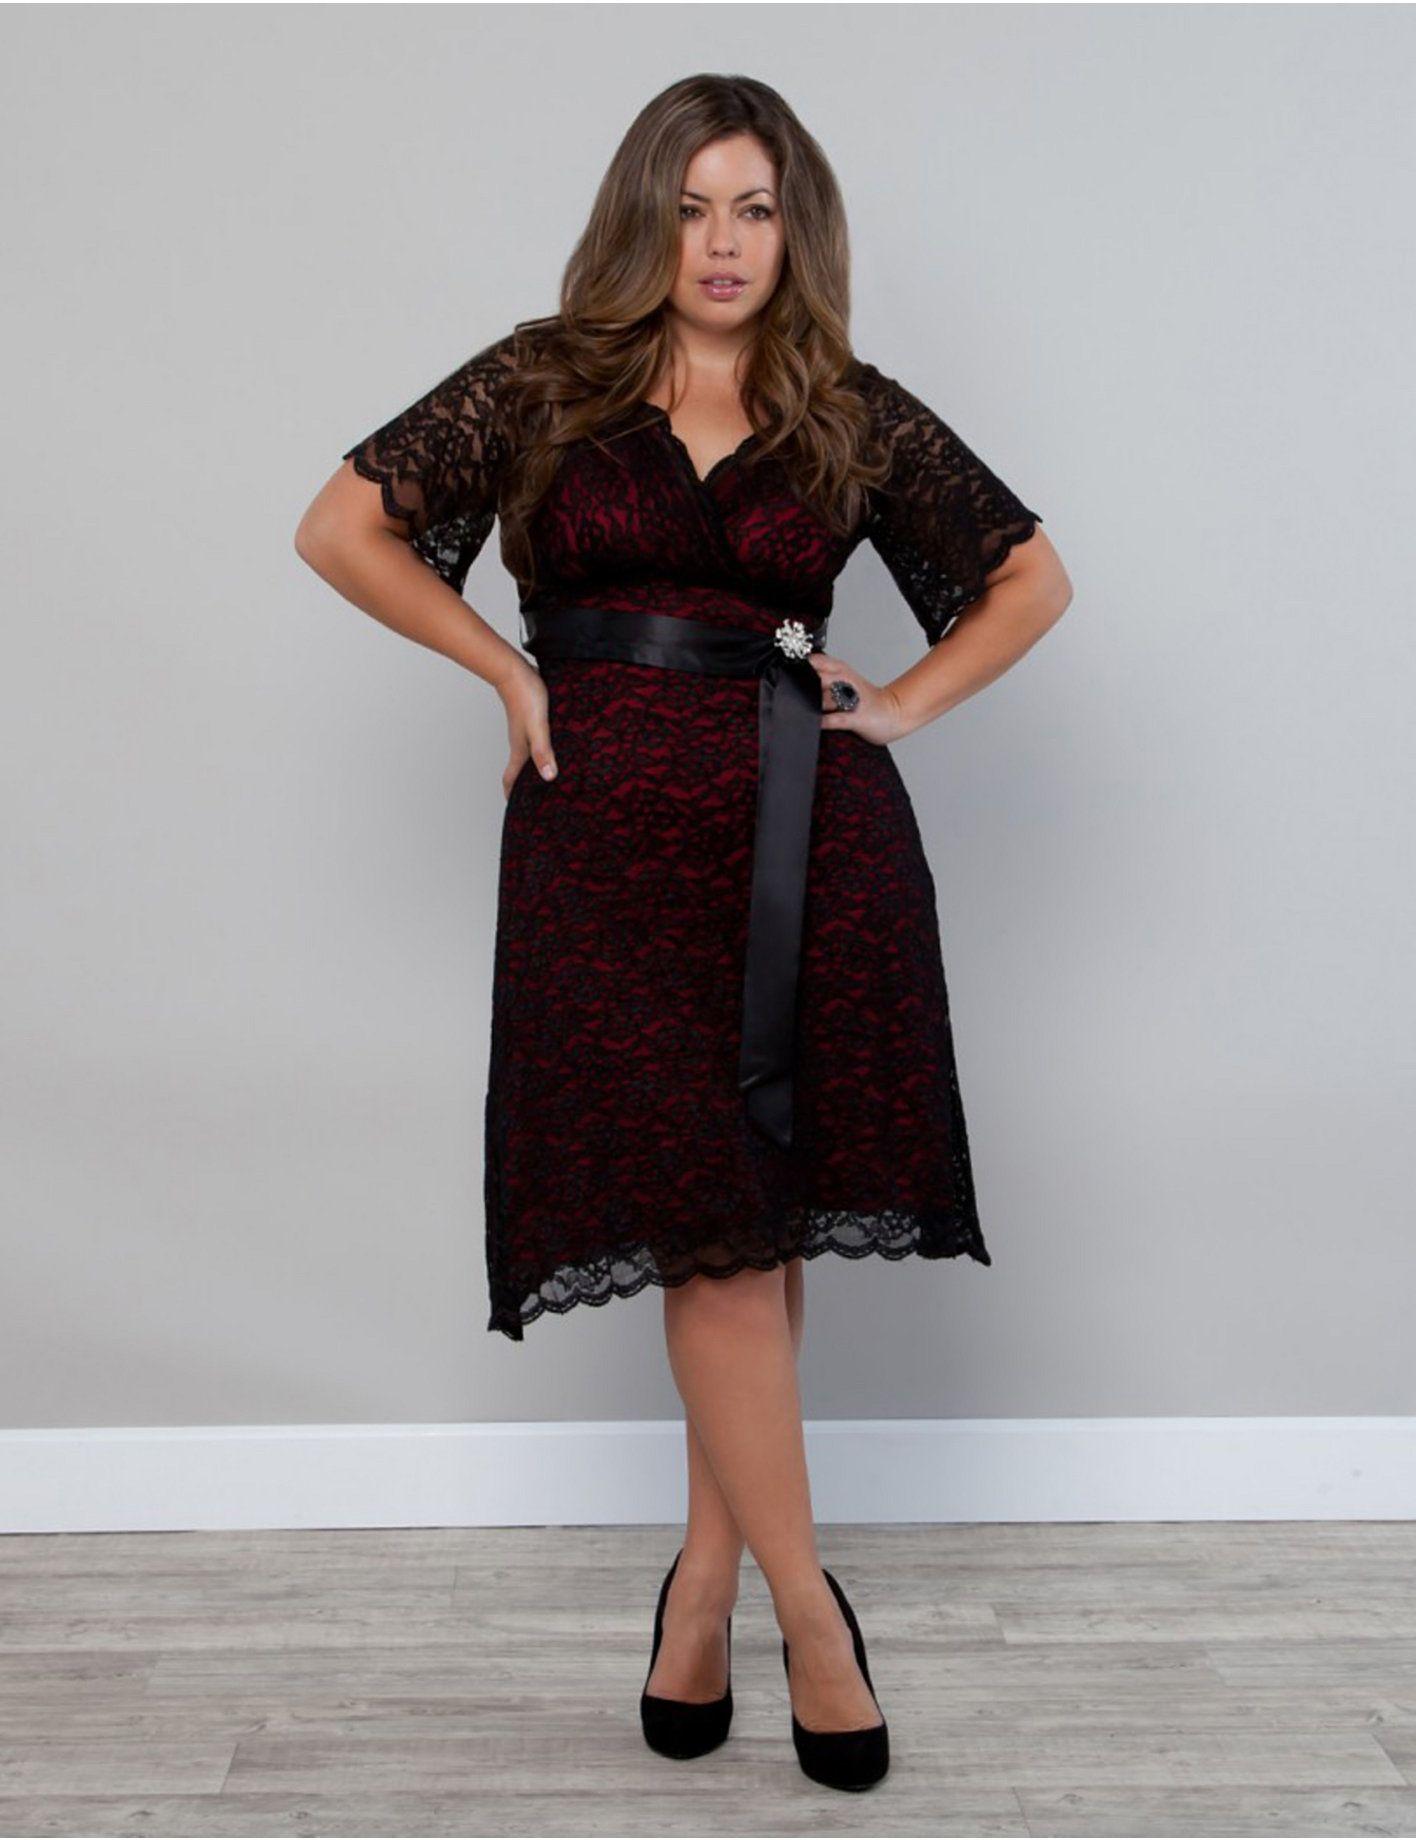 Medium Crop Of Plus Size Special Occasion Dresses